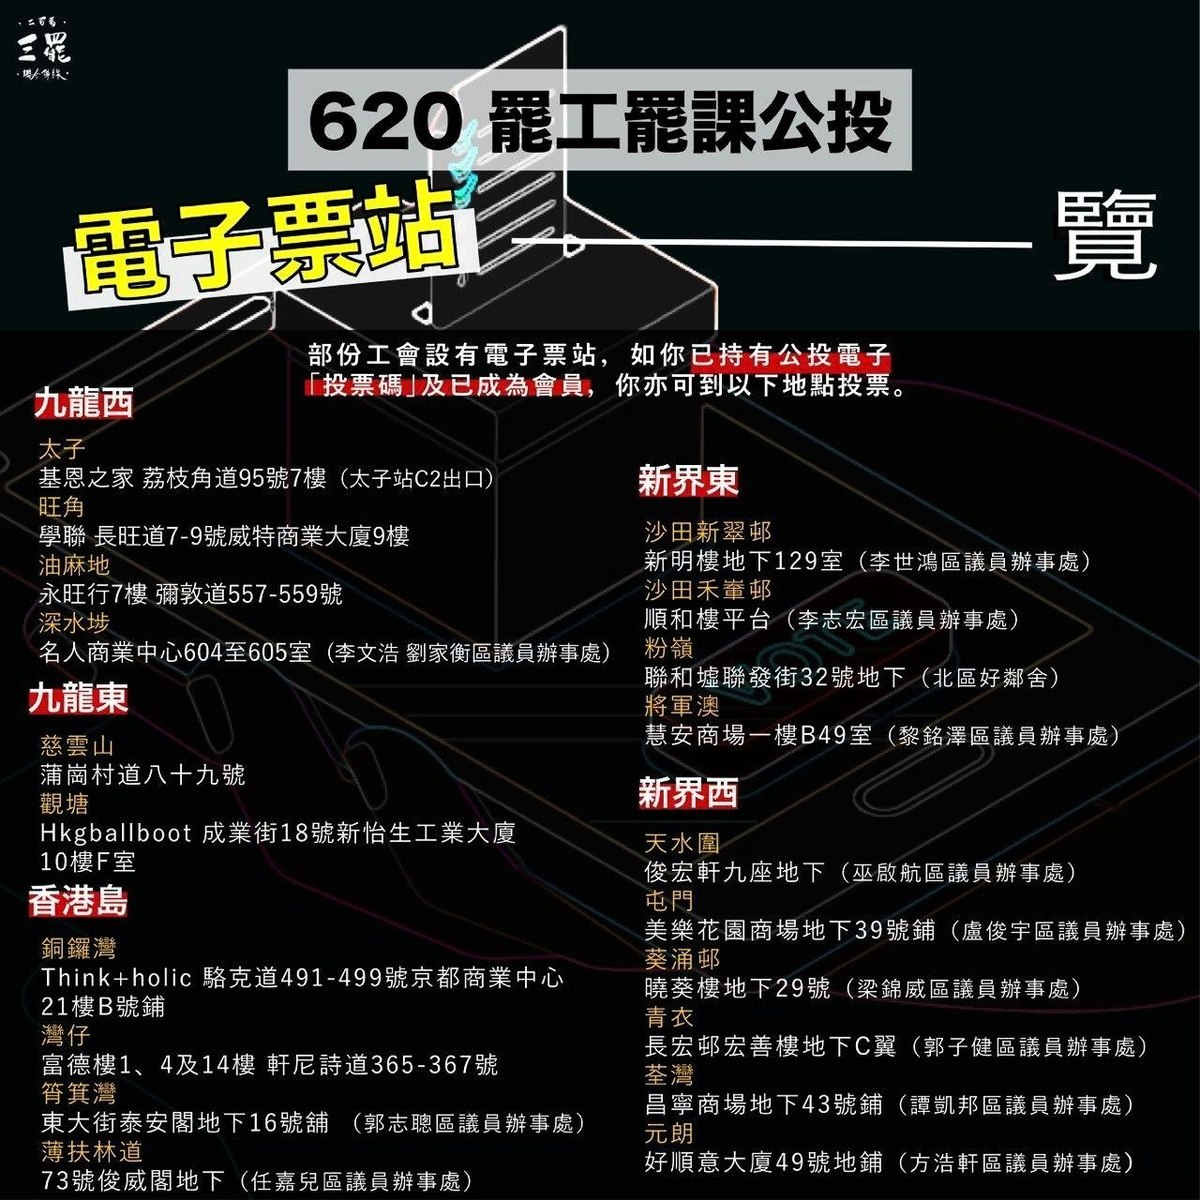 罷工活動文宣(二百萬三罷 TG)